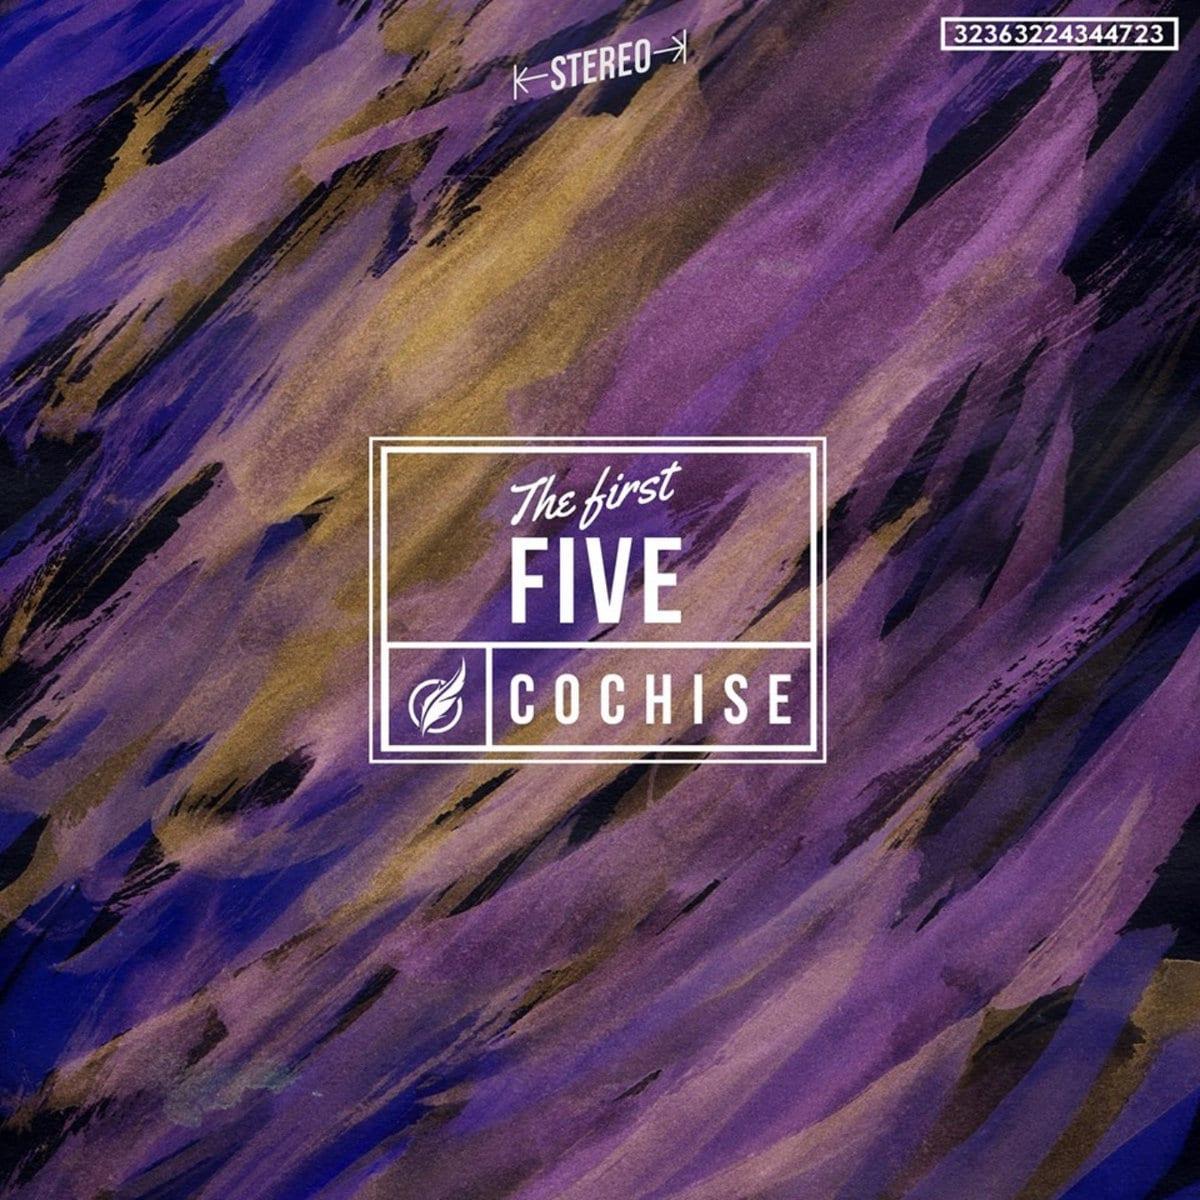 Cover album pochette cochise the first five